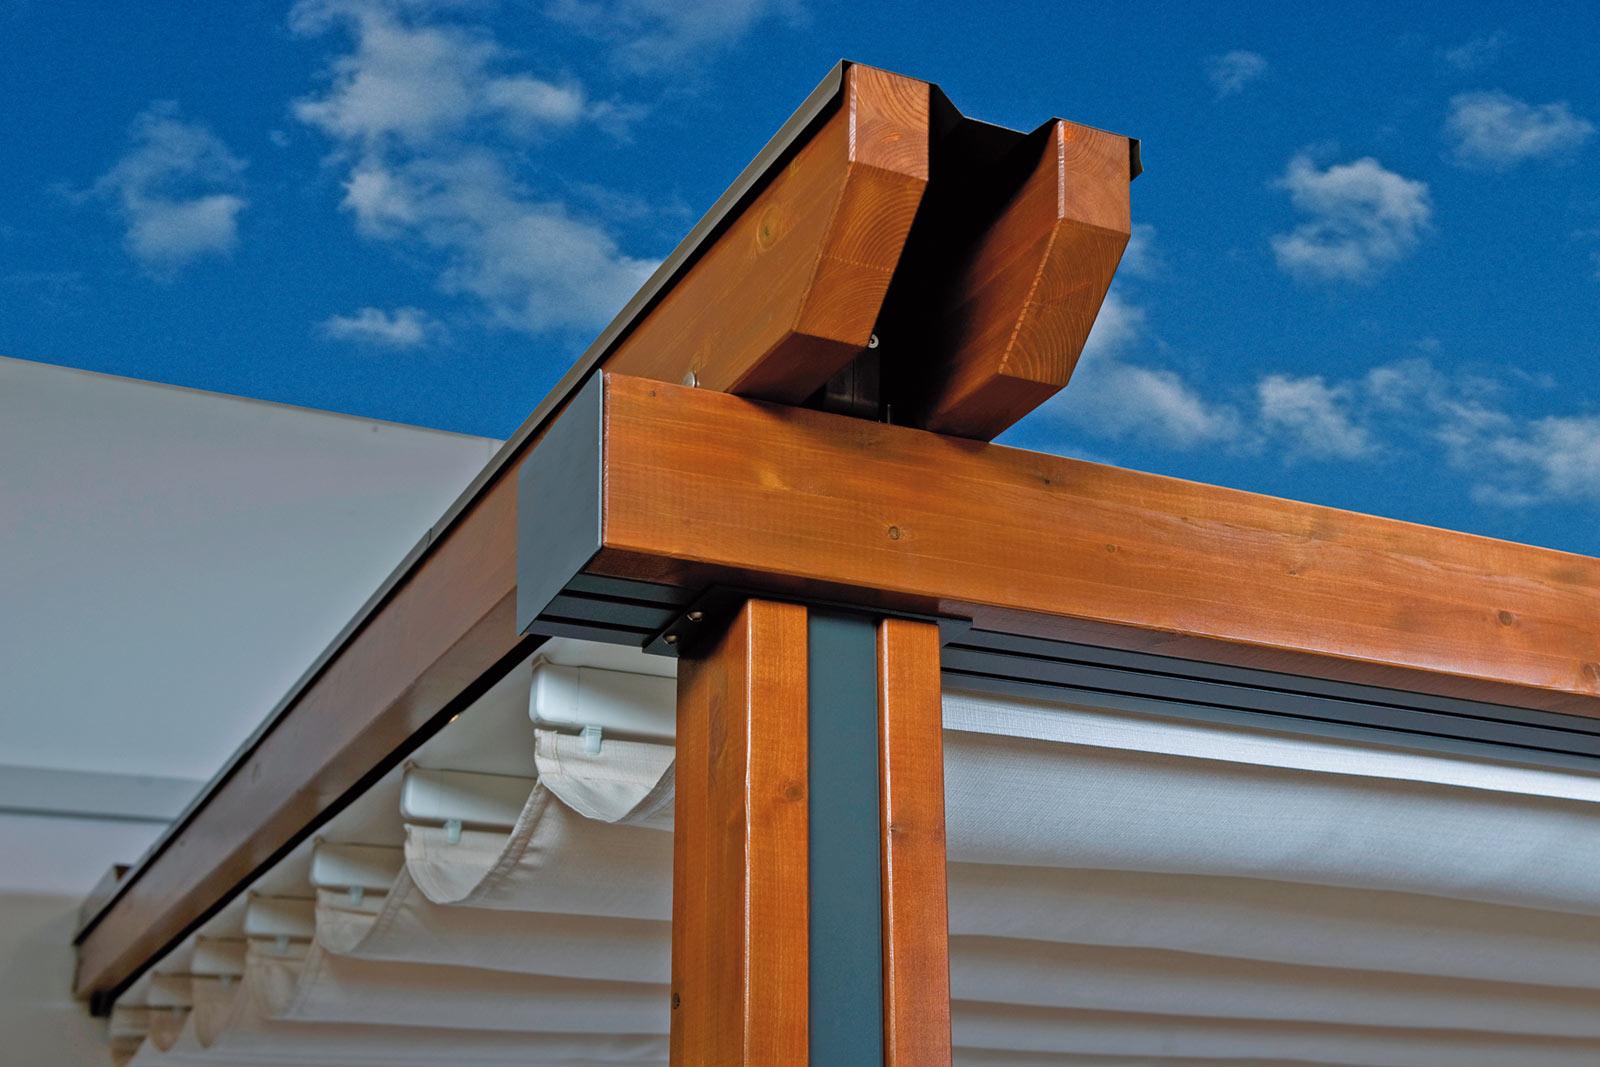 Come costruire pergolato in legno: consigli e idee